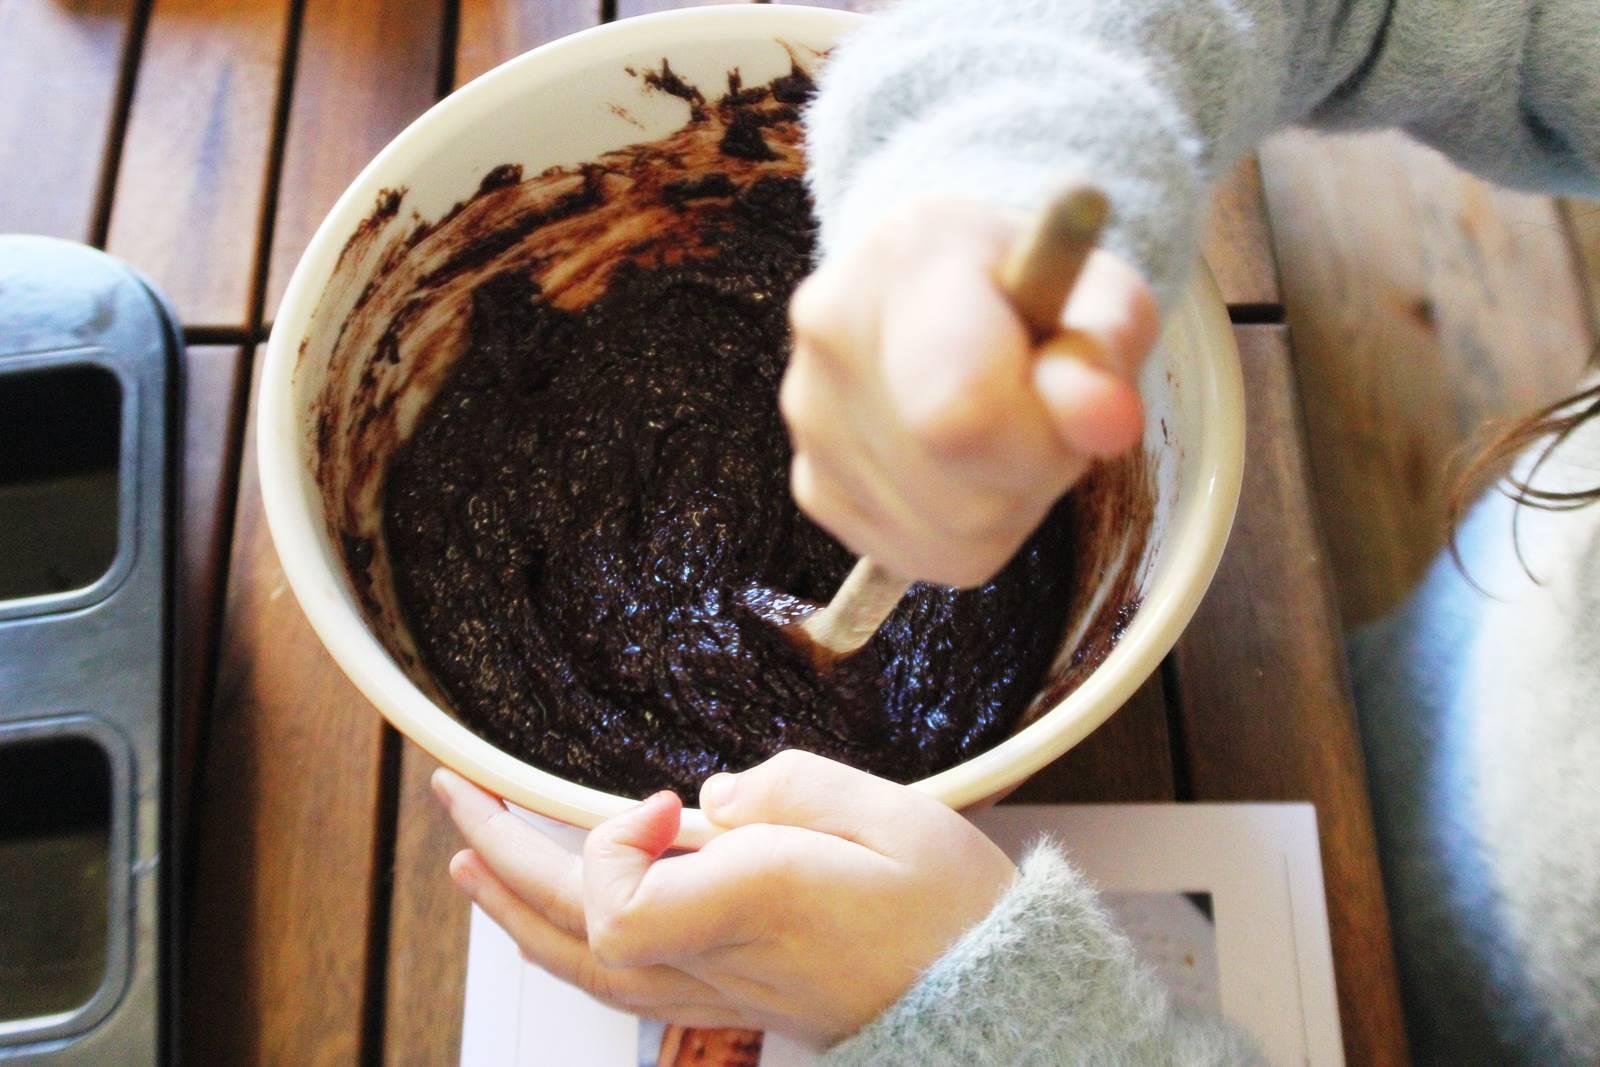 Recette fondant chocolat sans cuisson au speculoos hameaux bioimg 8468